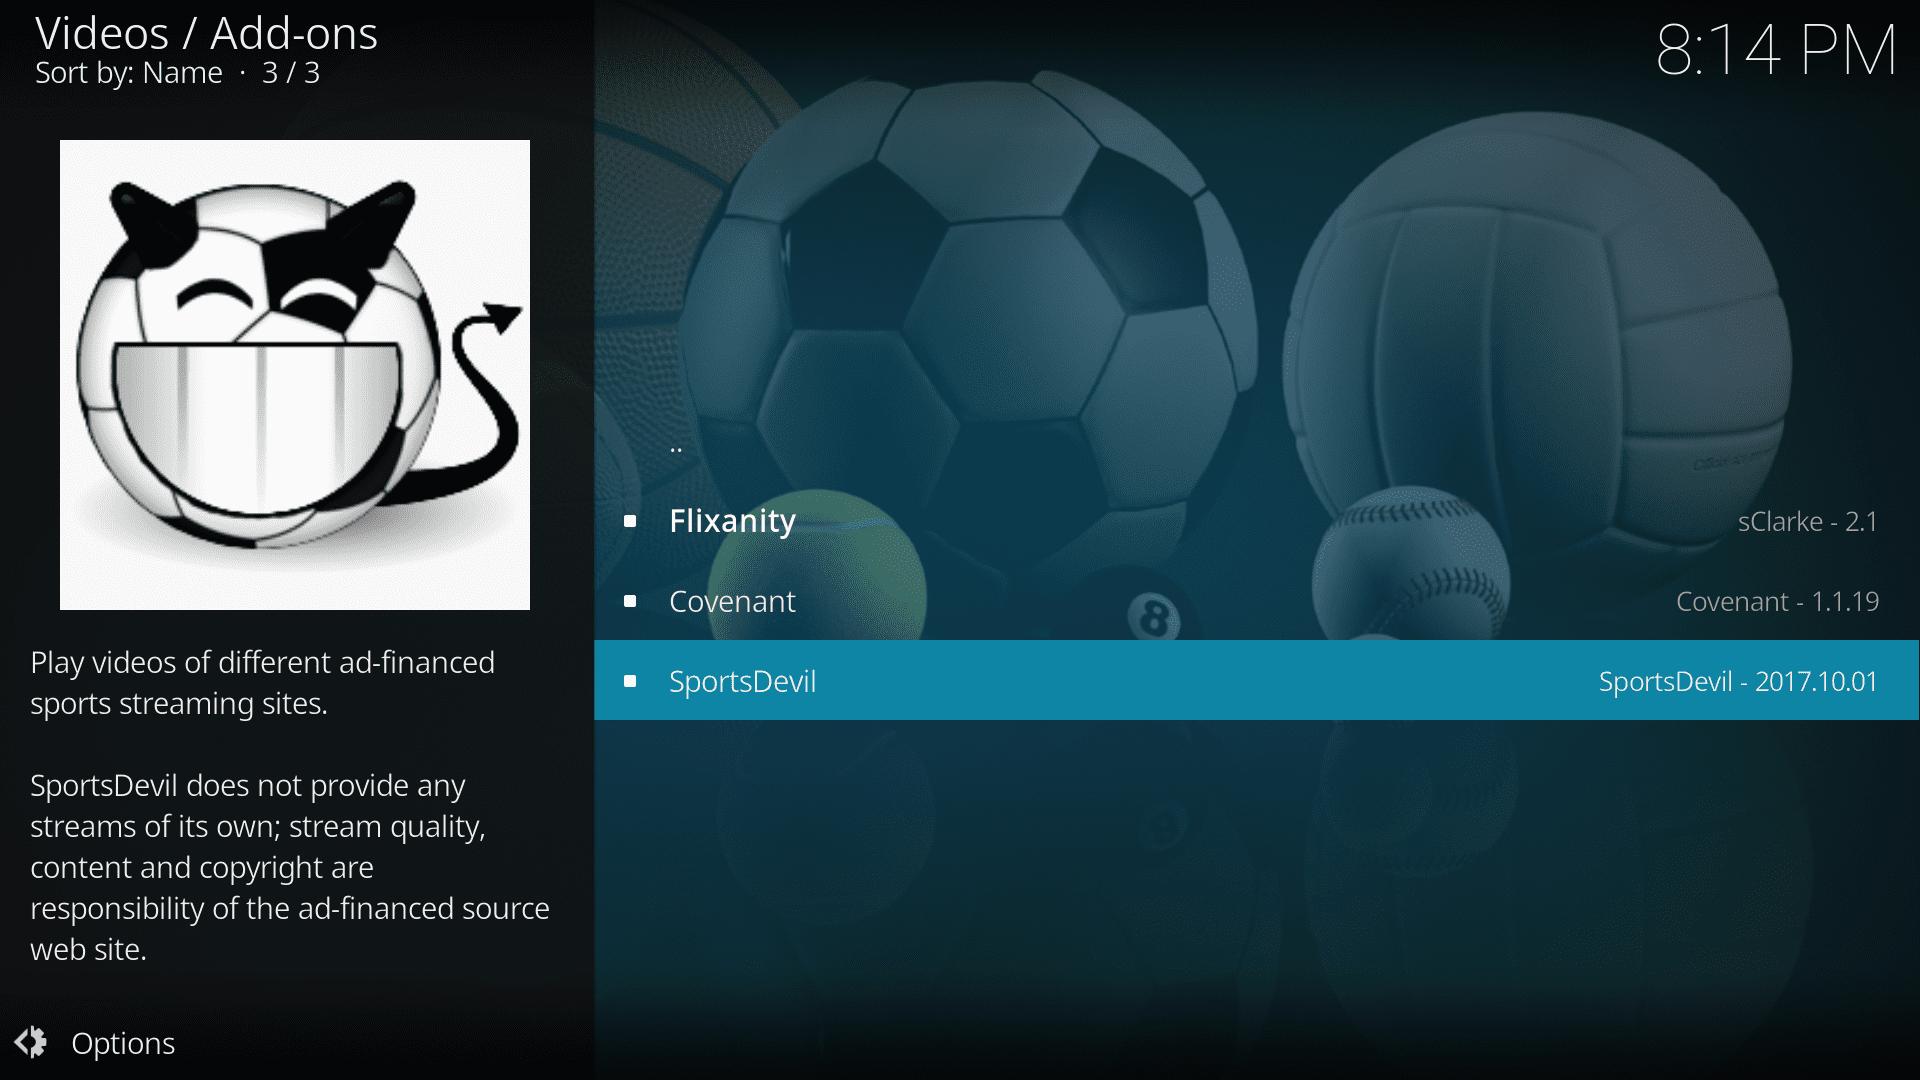 How to Install SportsDevil Addon on Kodi / FireStick in 2